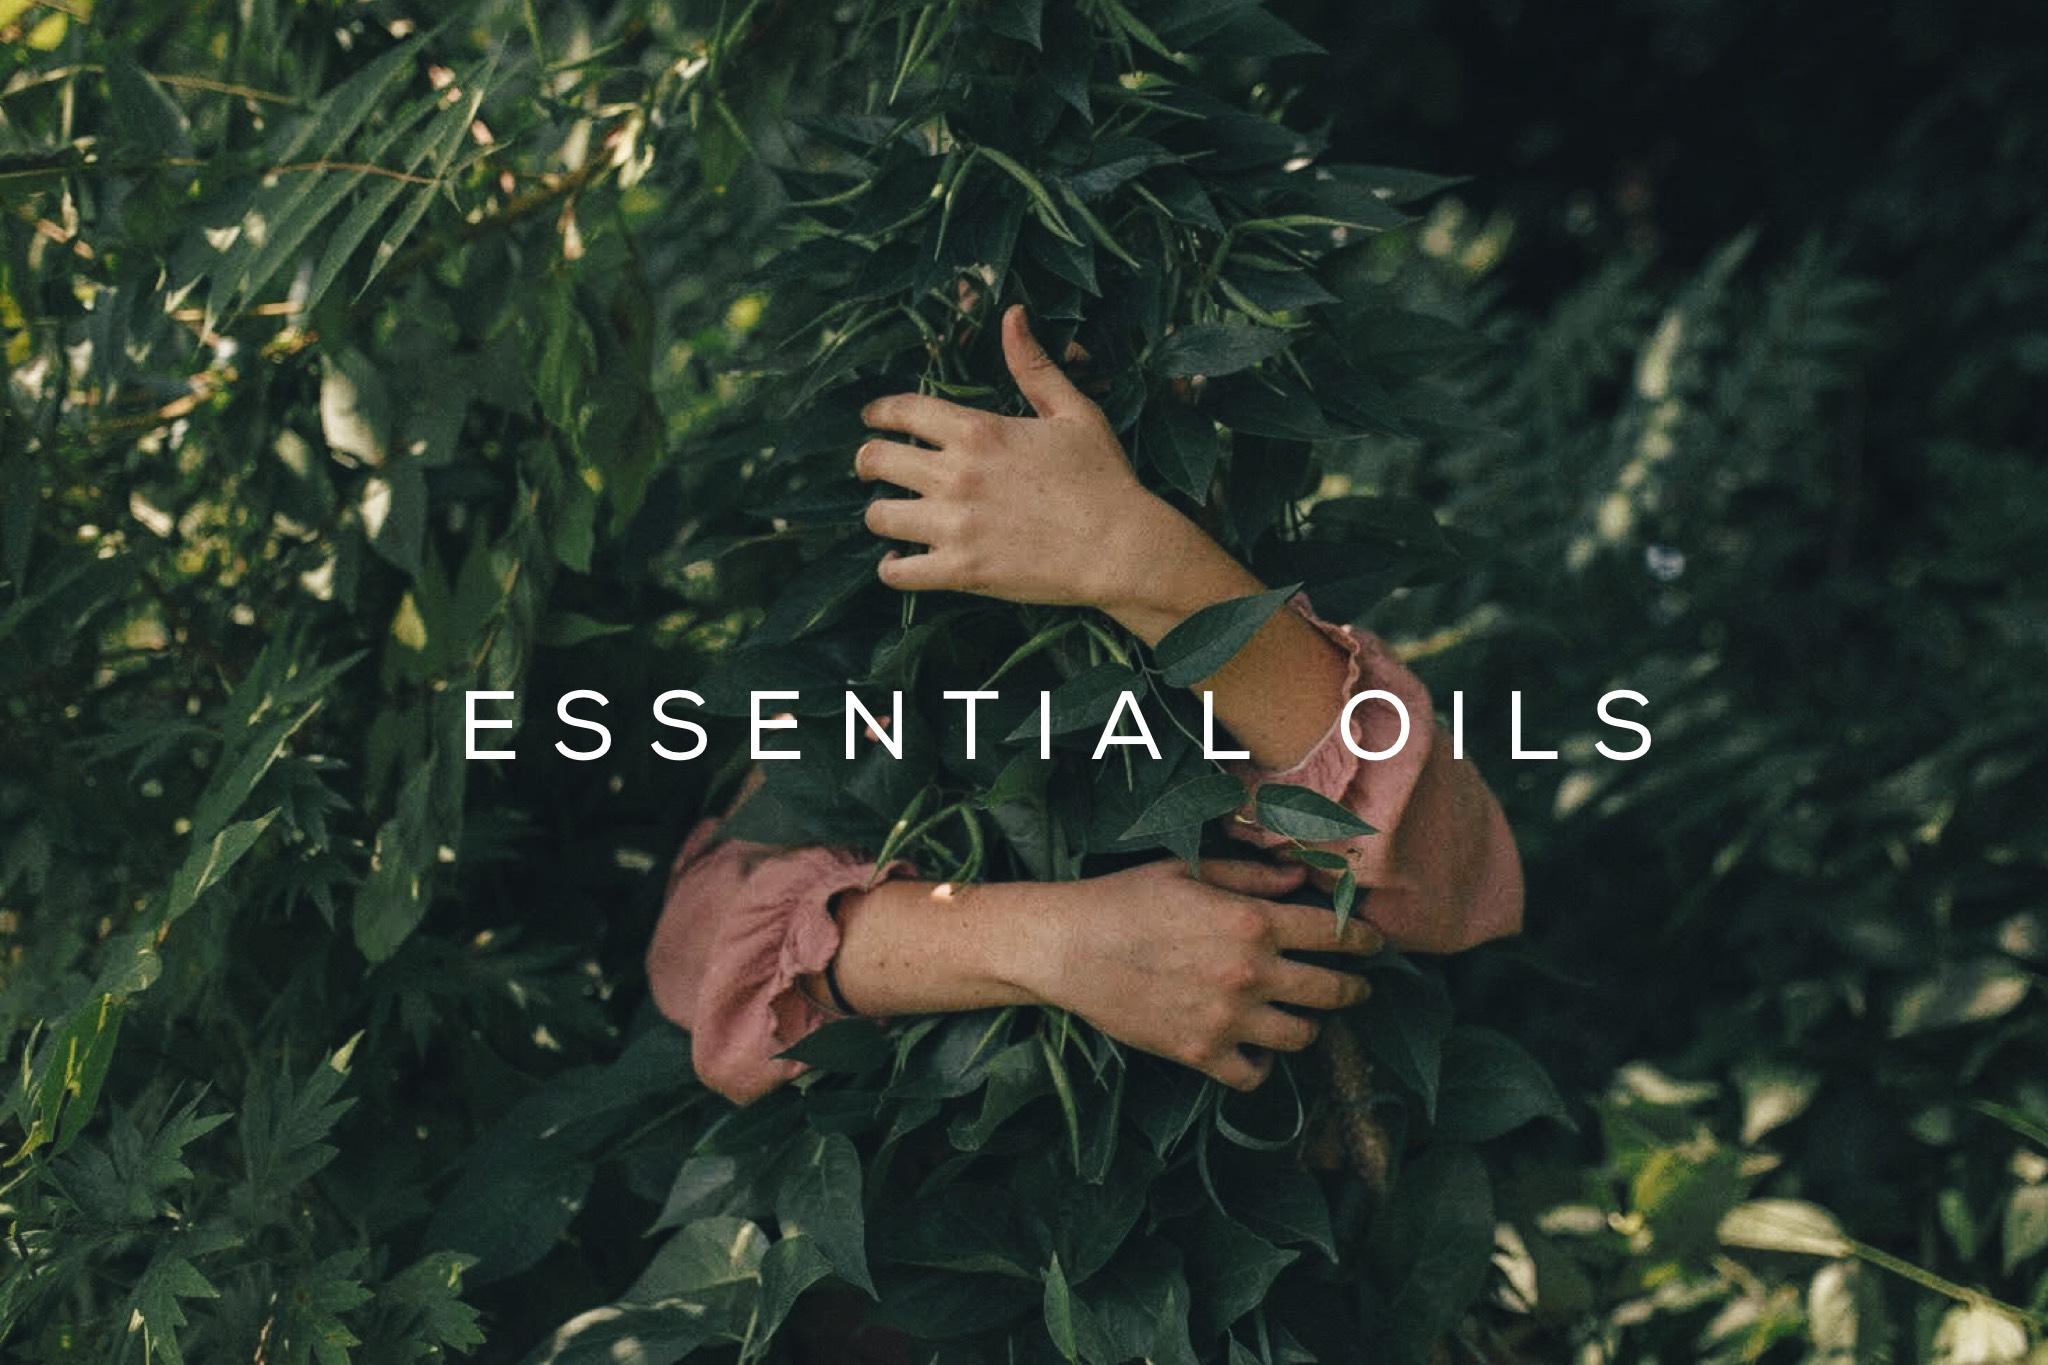 essential_oils_hero.jpg